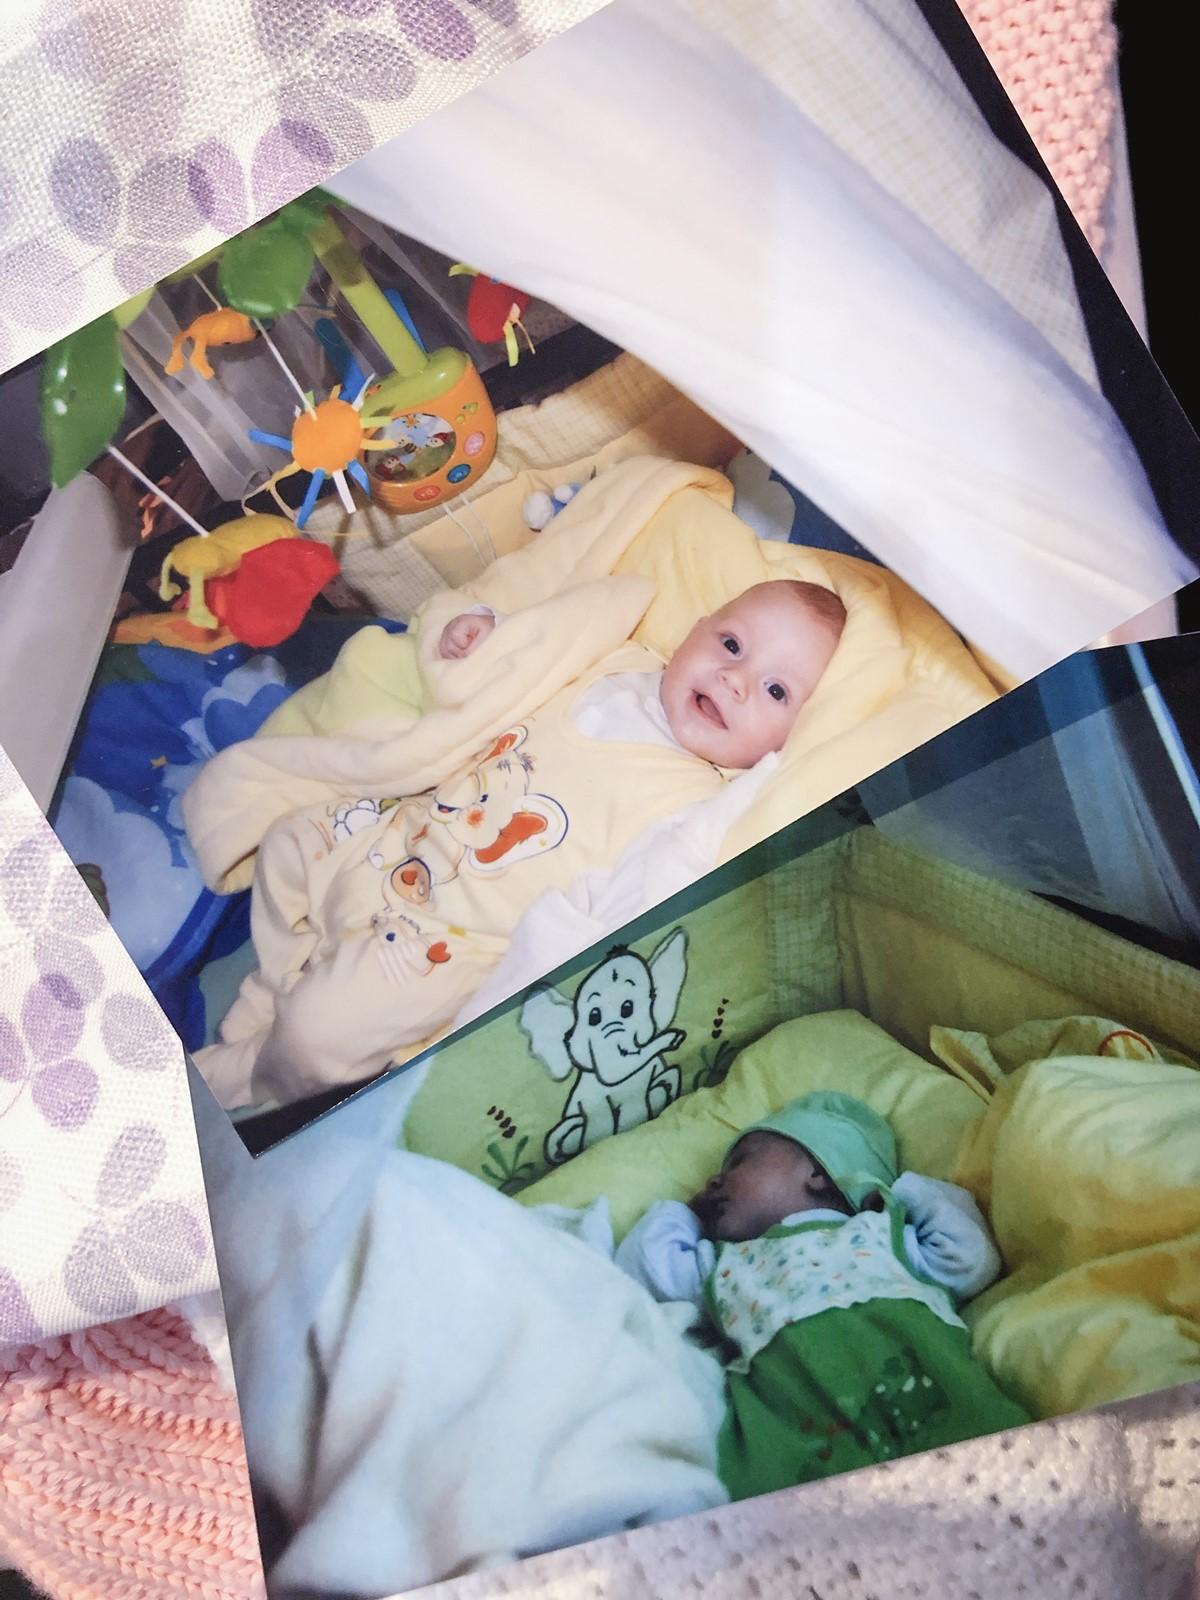 łóżeczko dla małych dzieci jakie kupić